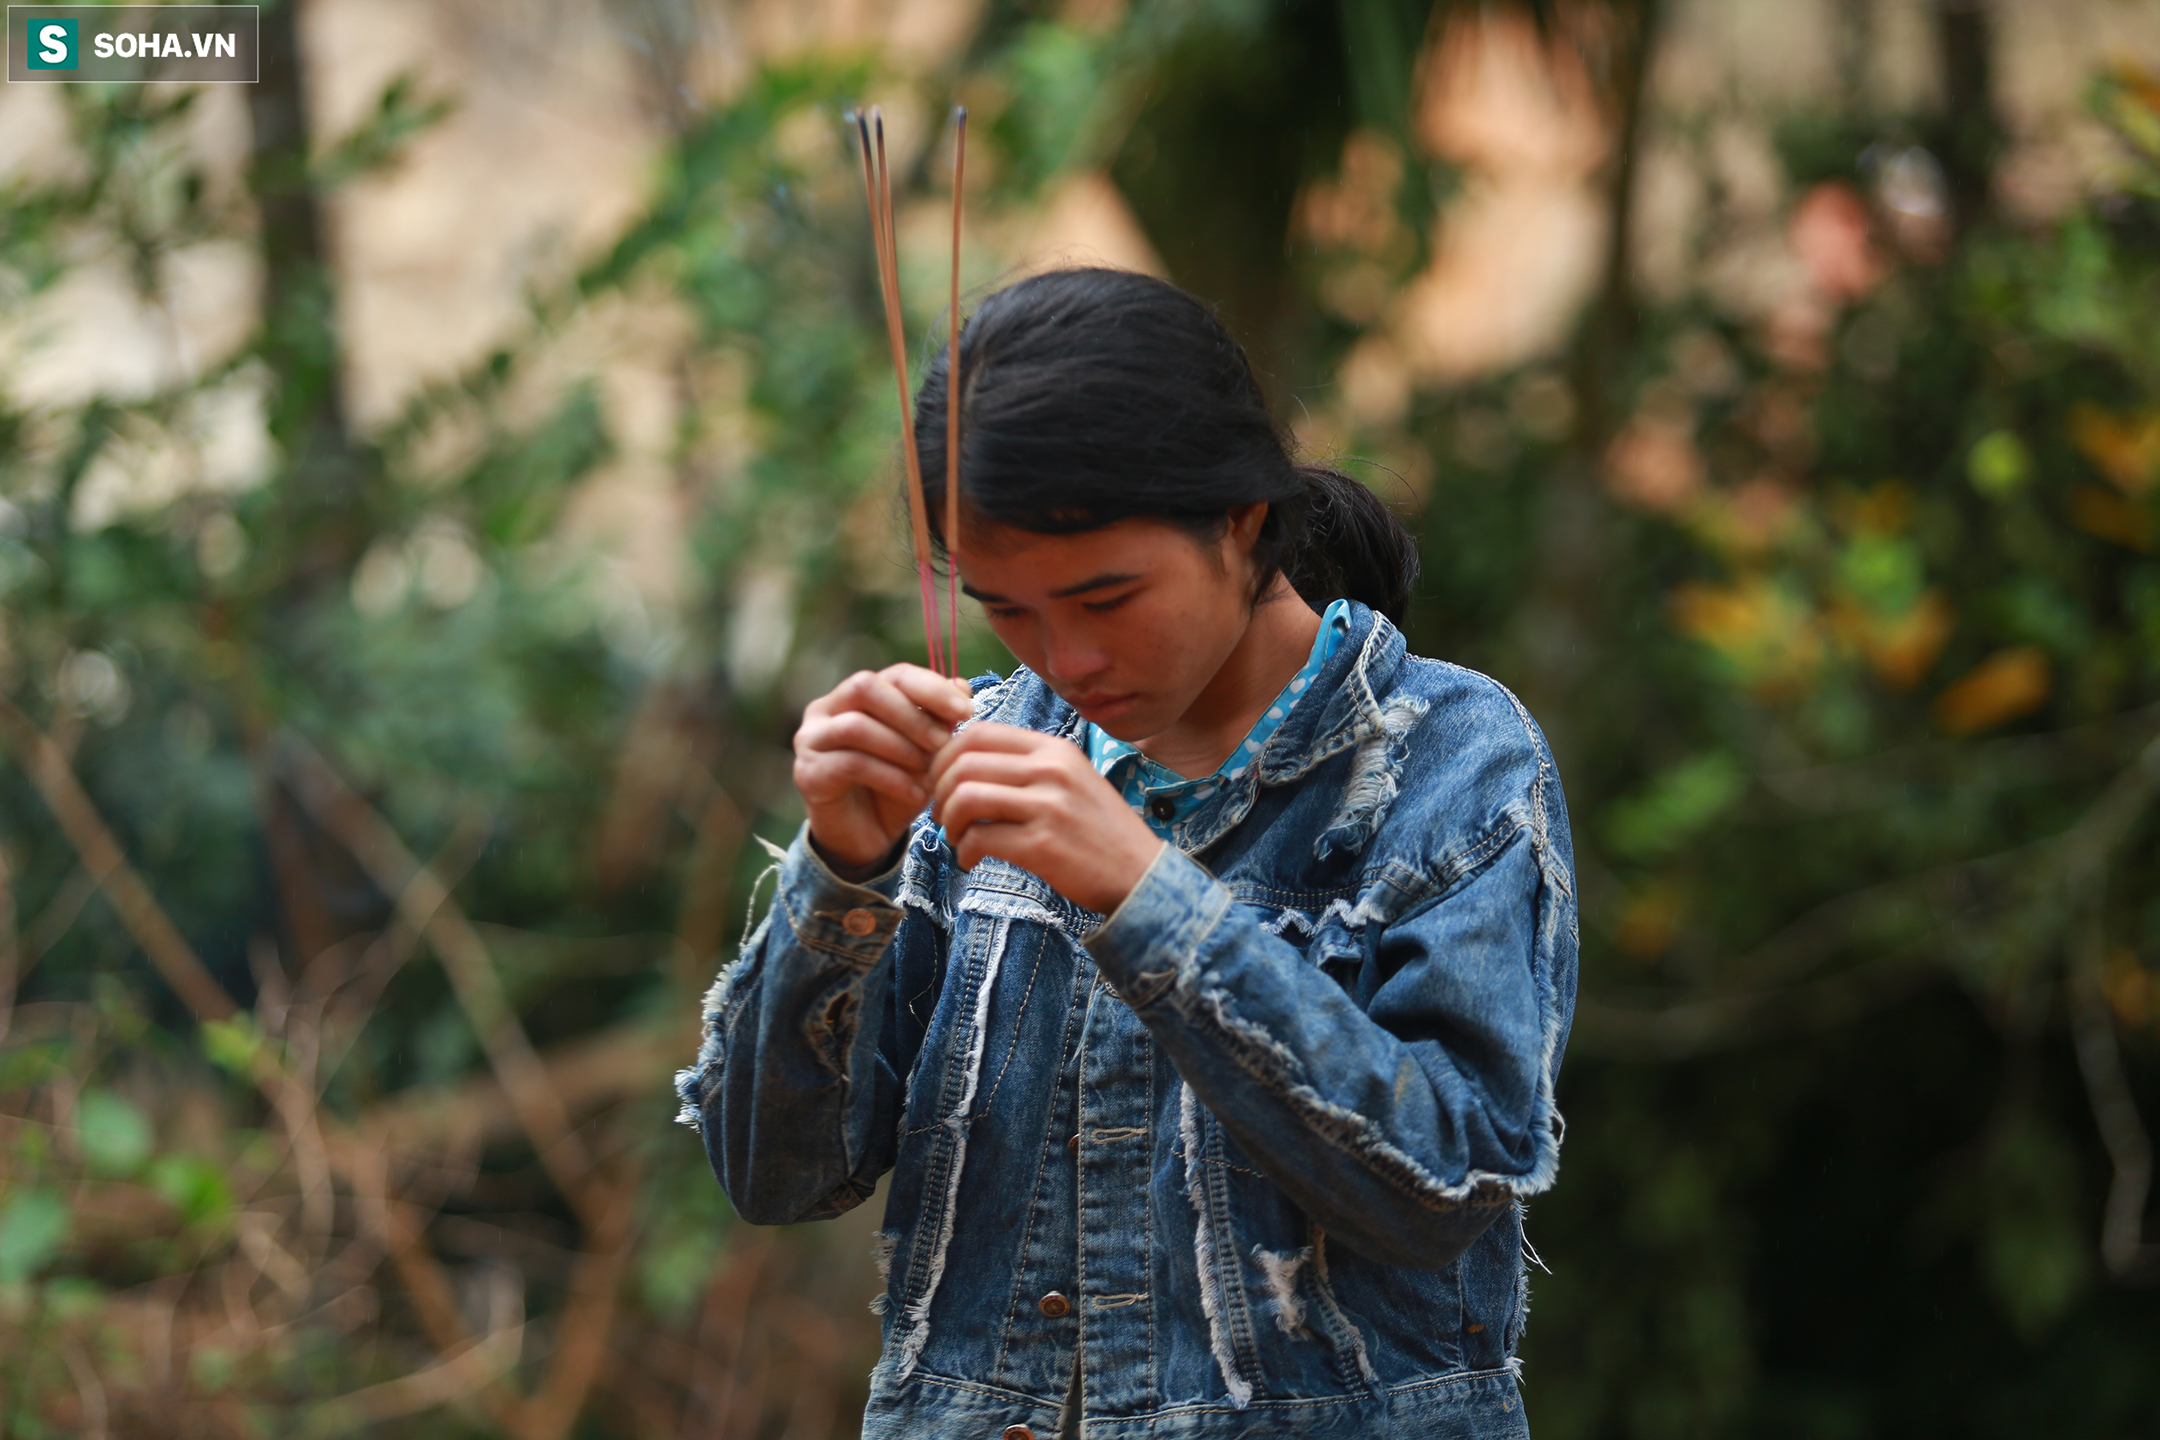 [Ảnh] Dân làng khóc nghẹn khi tìm thấy bé trai 10 tháng tuổi dưới lớp bùn đất vụ sạt lở ở Trà Leng - Ảnh 17.